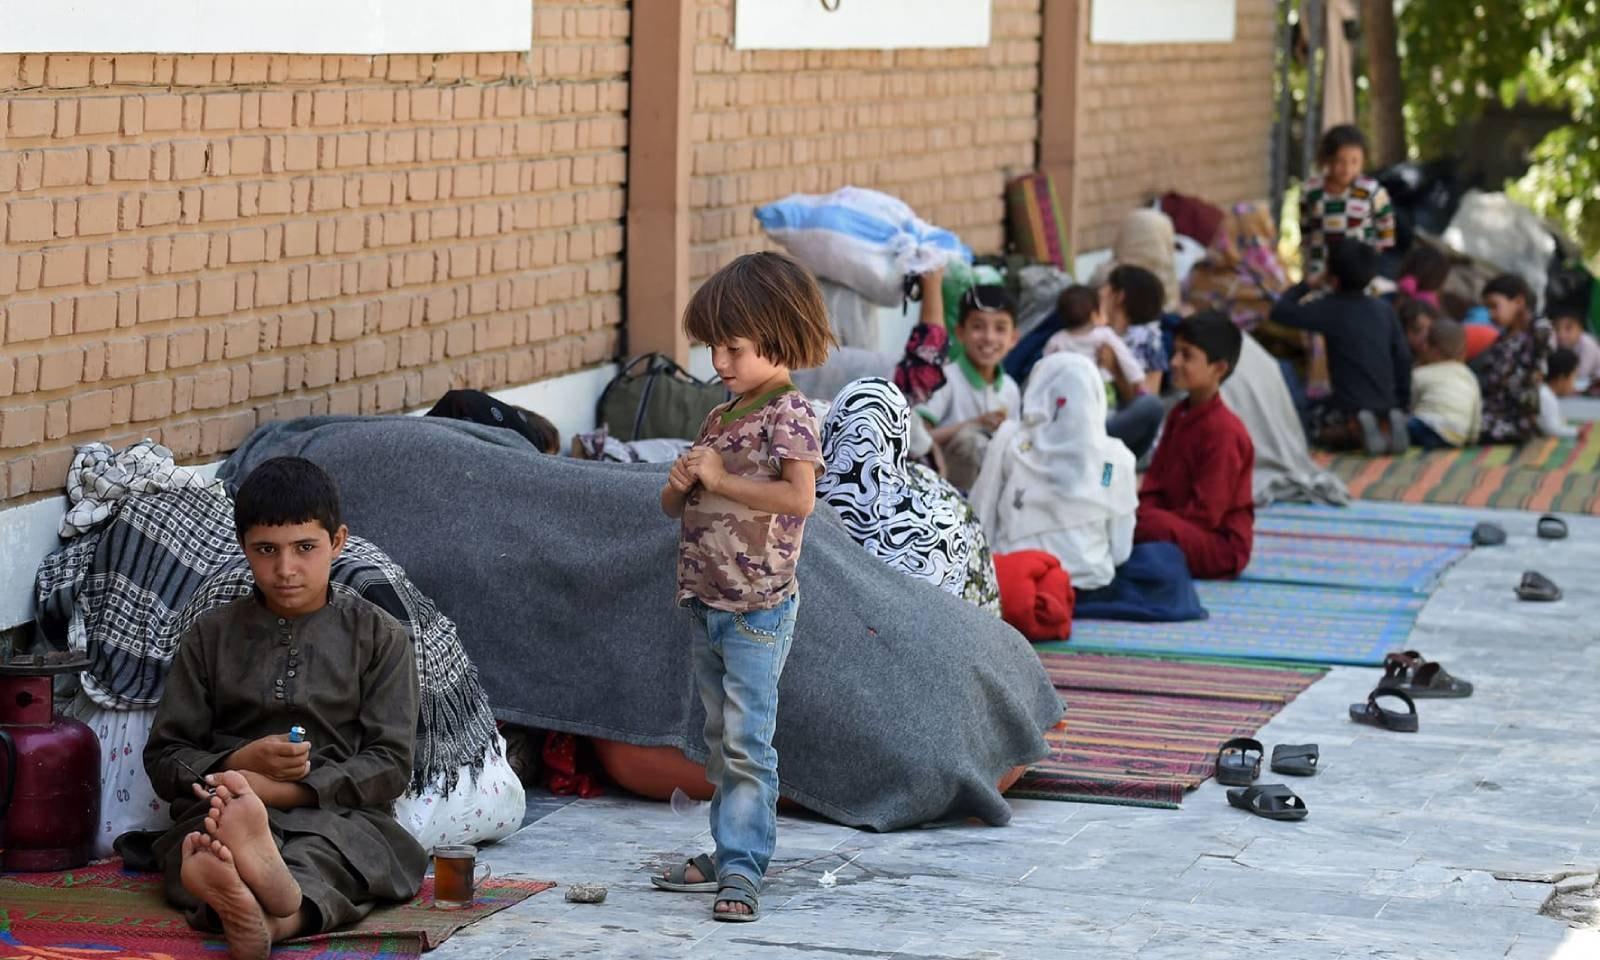 افغانستان کے شمالی صوبے میں طالبان اور افغان سیکیورٹی فورسز  کی جھڑپوں کے بعد فرار ہونے والے خاندان کابل  میں موجود ہیں —فوٹو: اے ایف پی